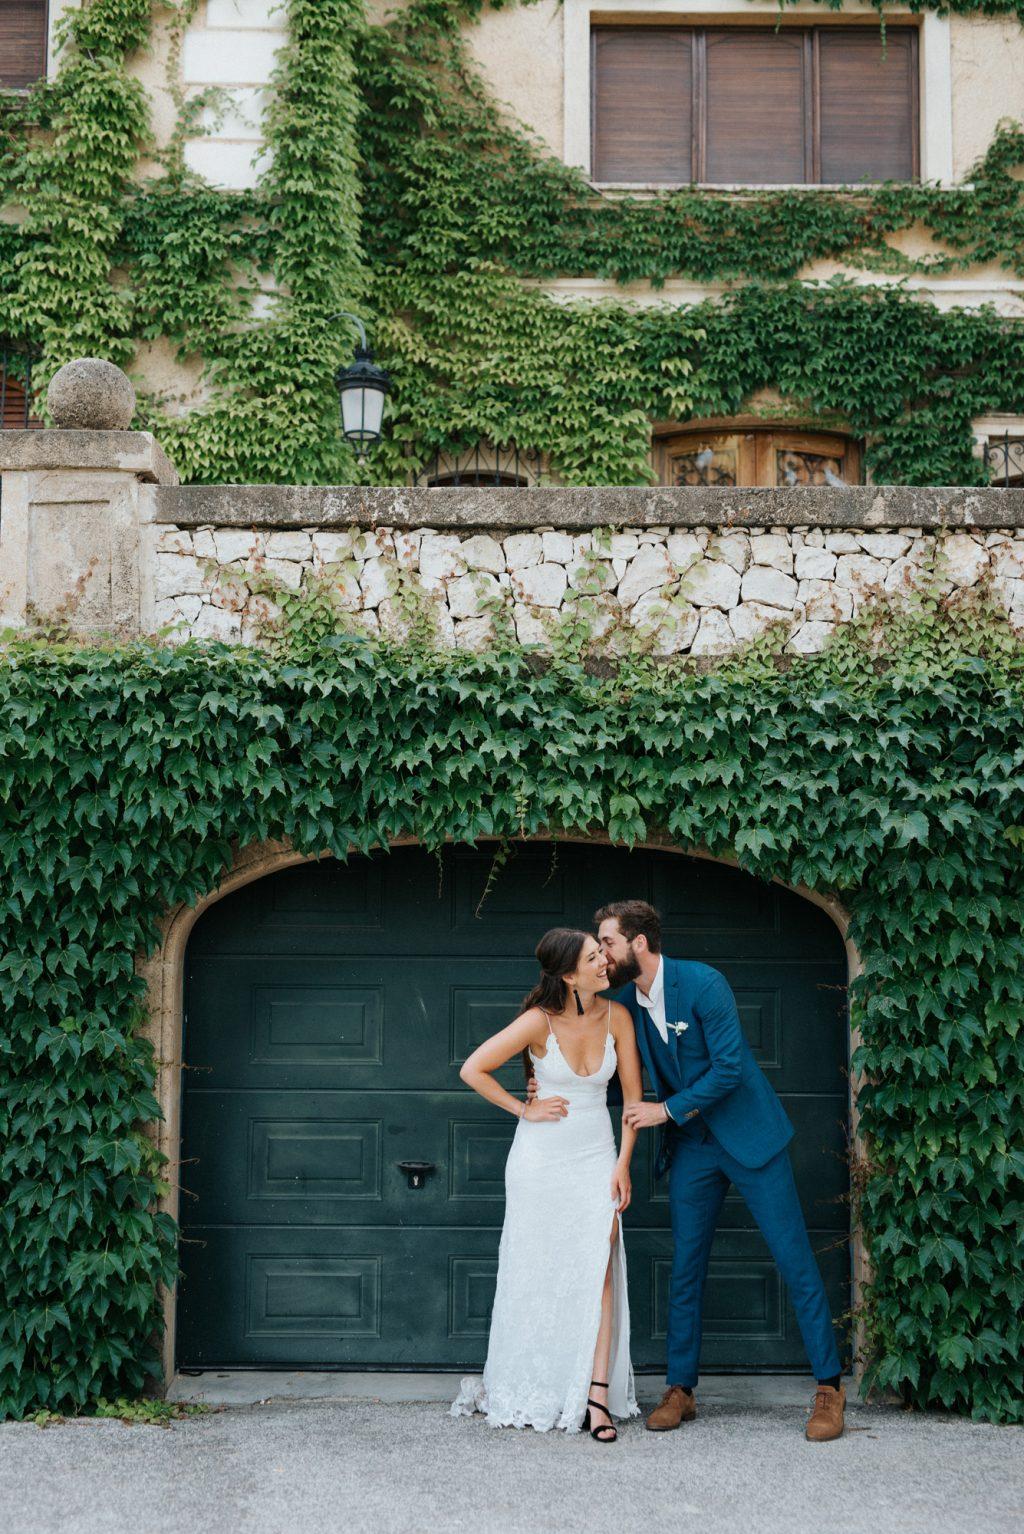 fotografos de boda dalthea 13 - Fotografía Natural y sin Posado con d'Althea